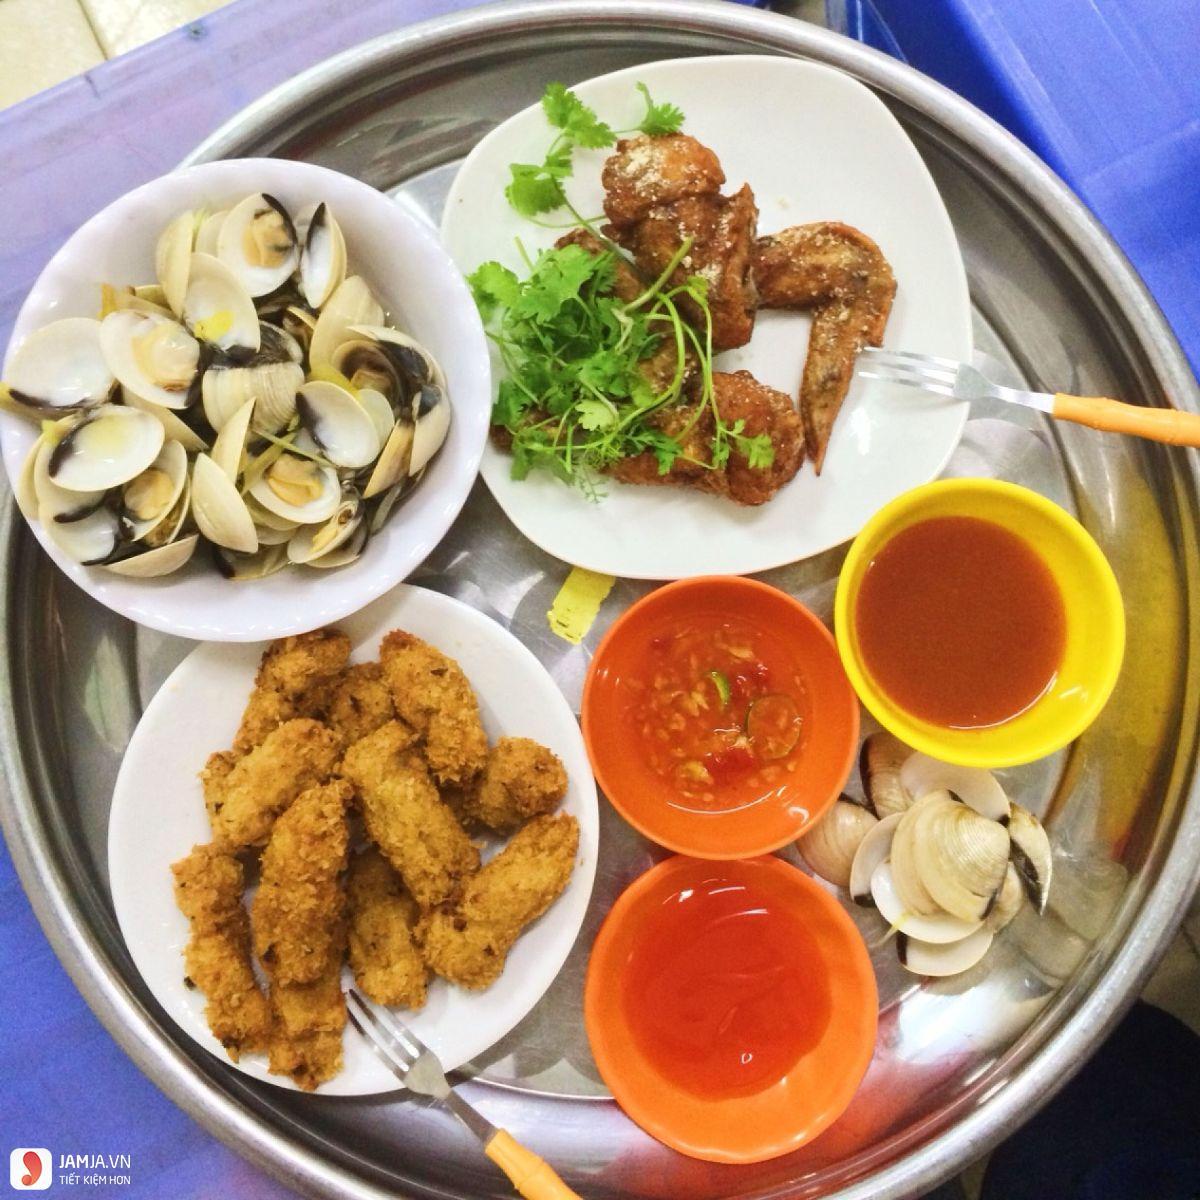 Quang Anh - Ốc & Chè Sài Gòn ngao hấp